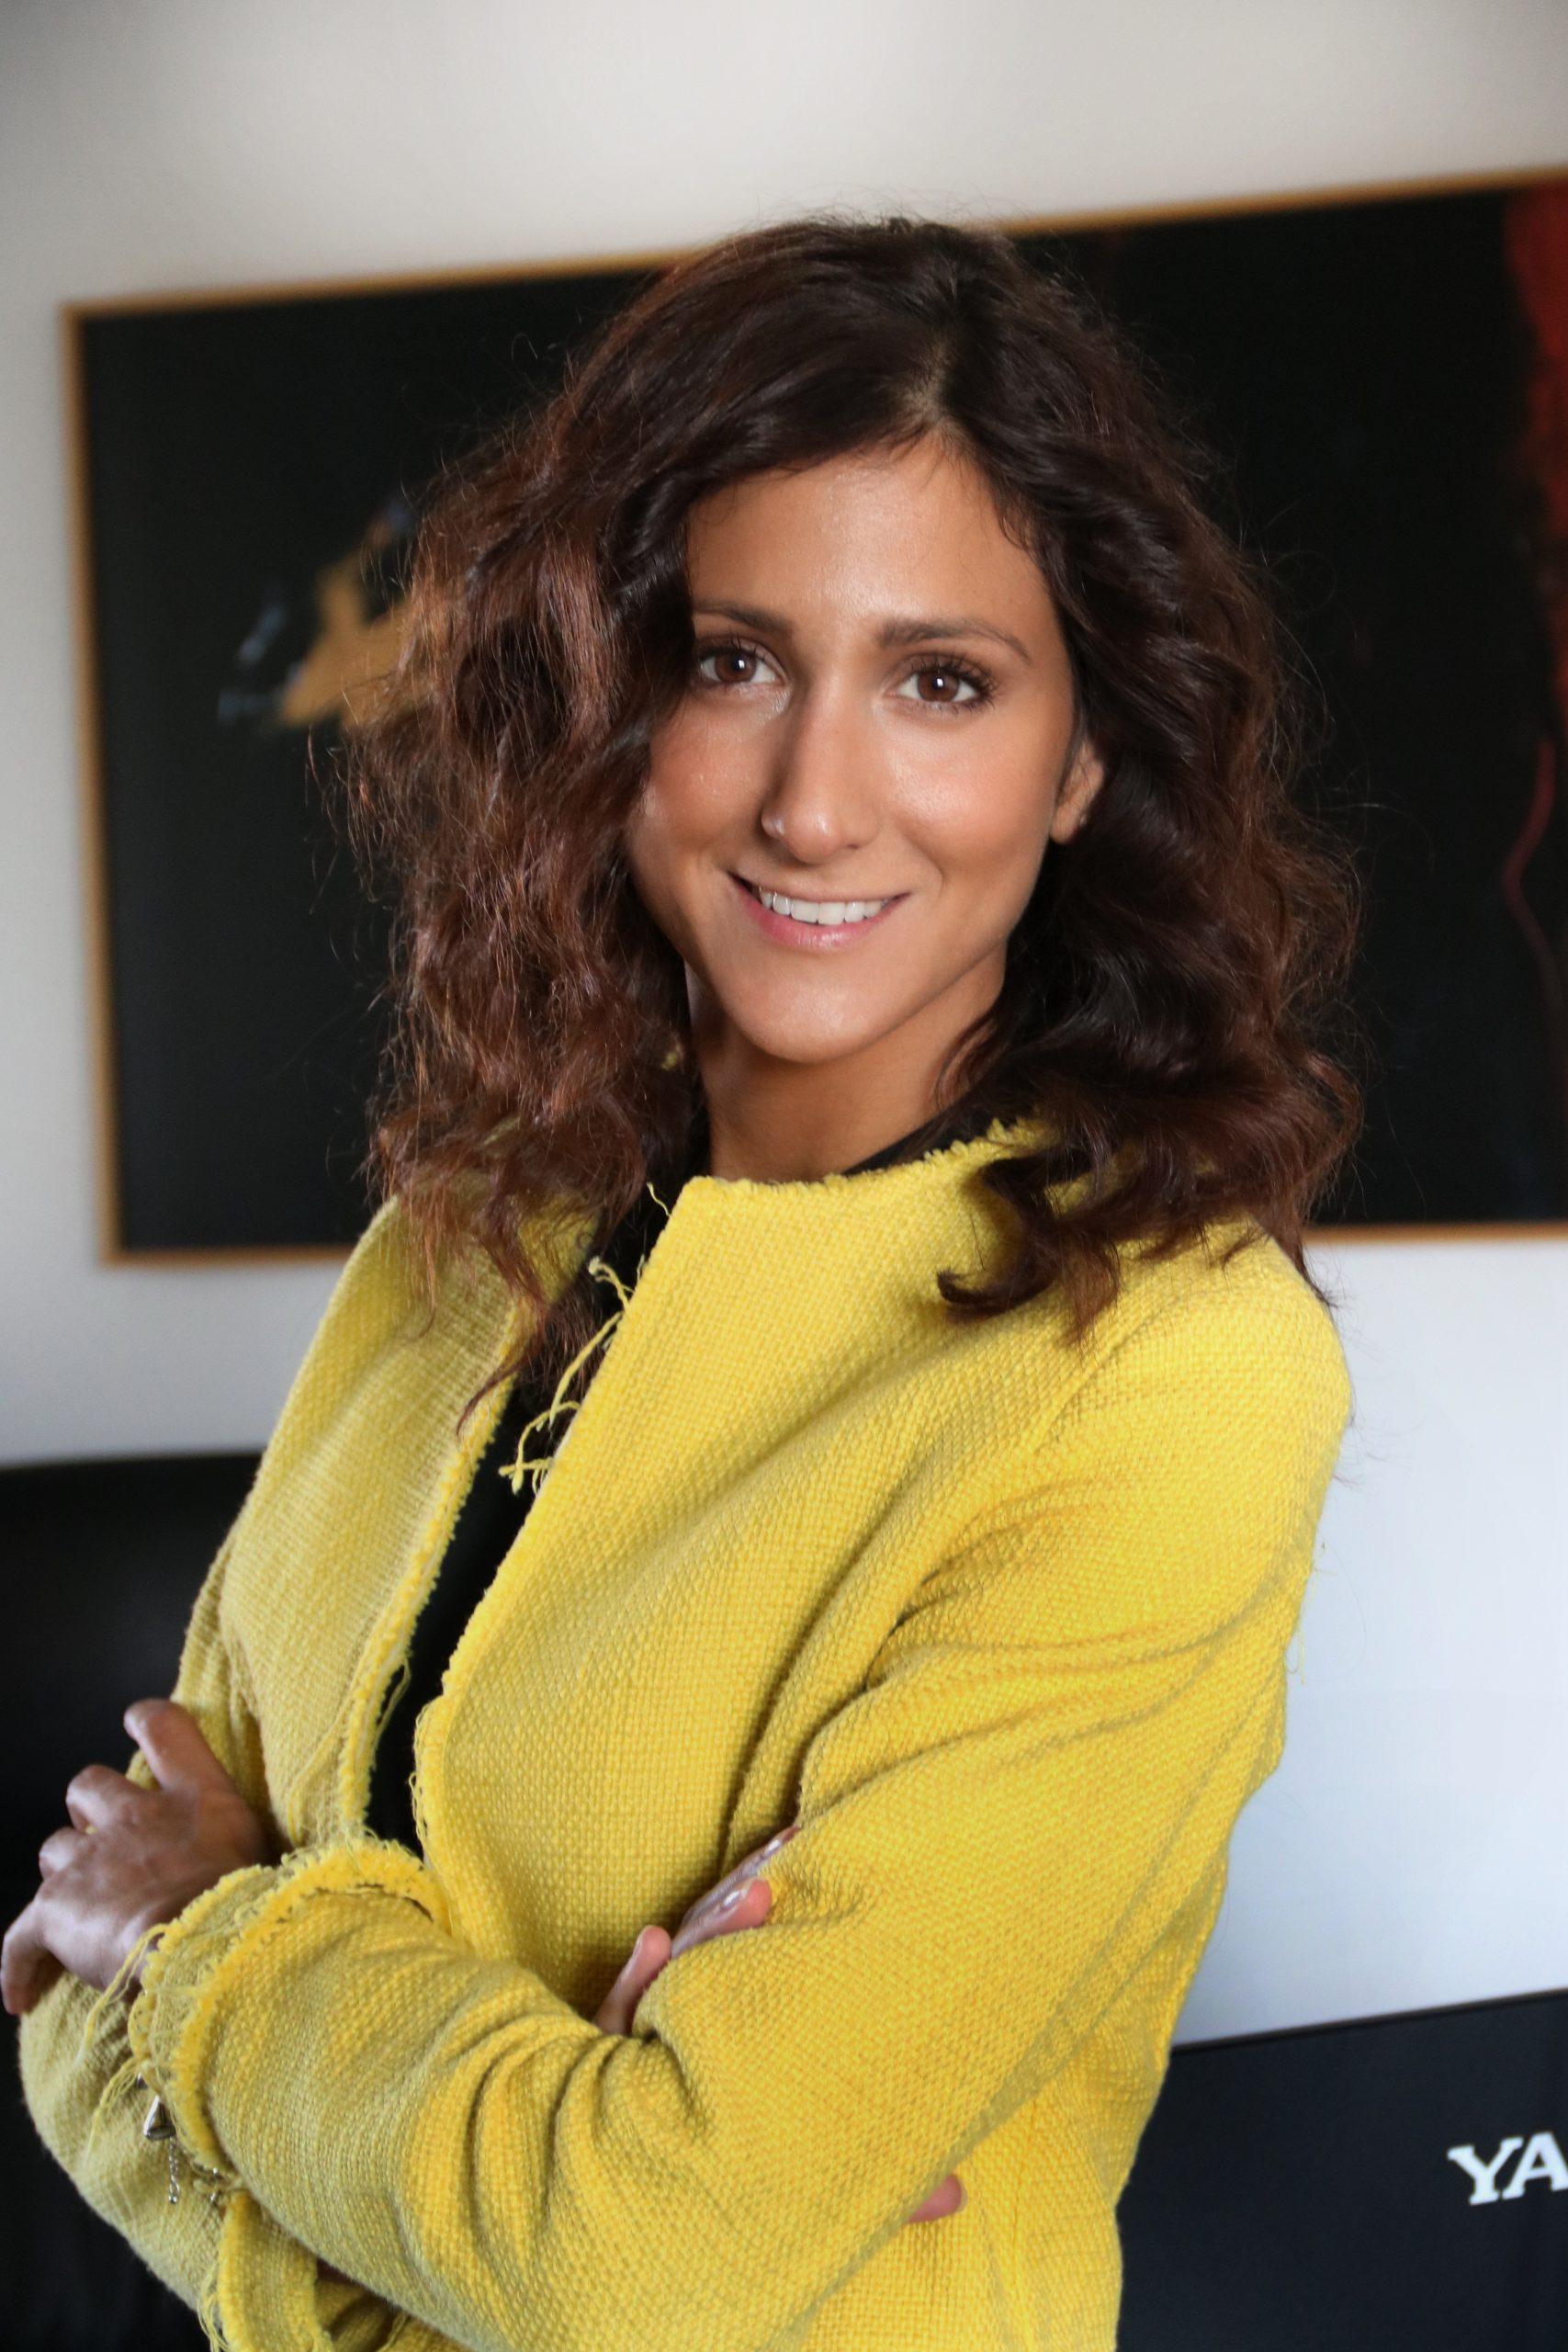 Giorgia Serafini